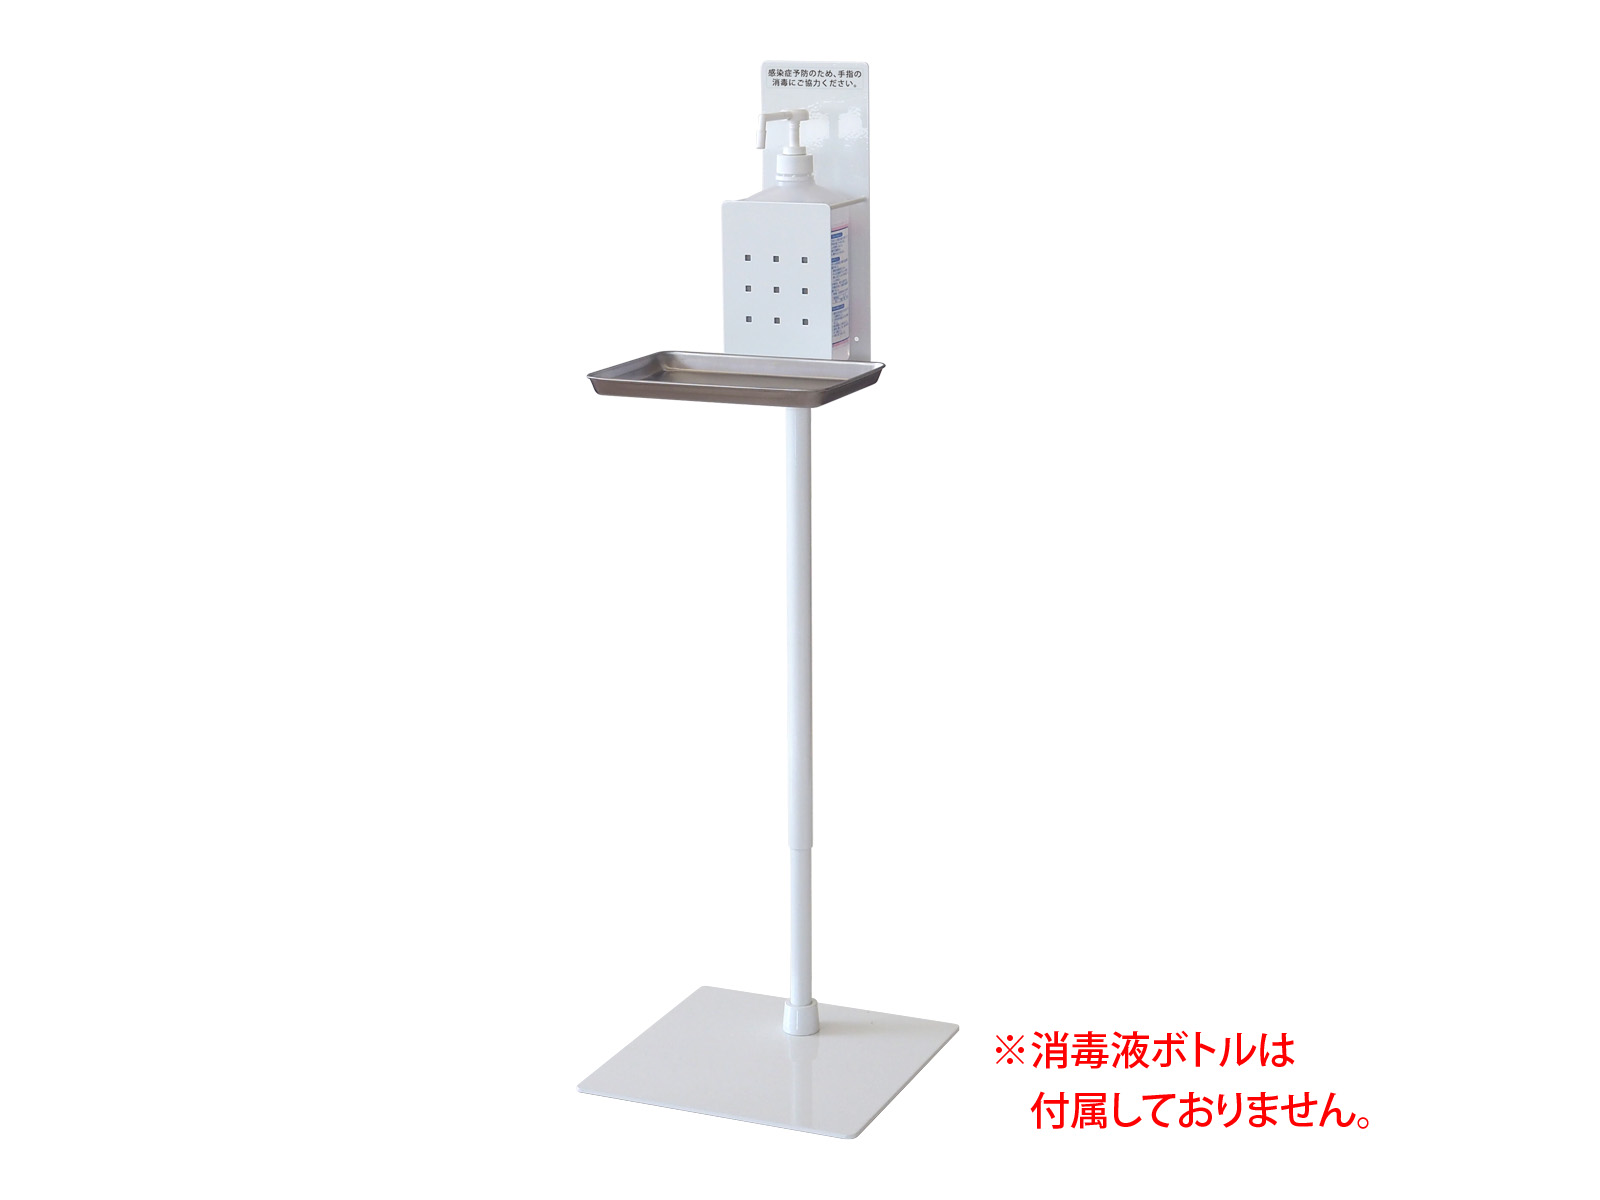 高さ調節機能付消毒液スタンド (SS-1FA)